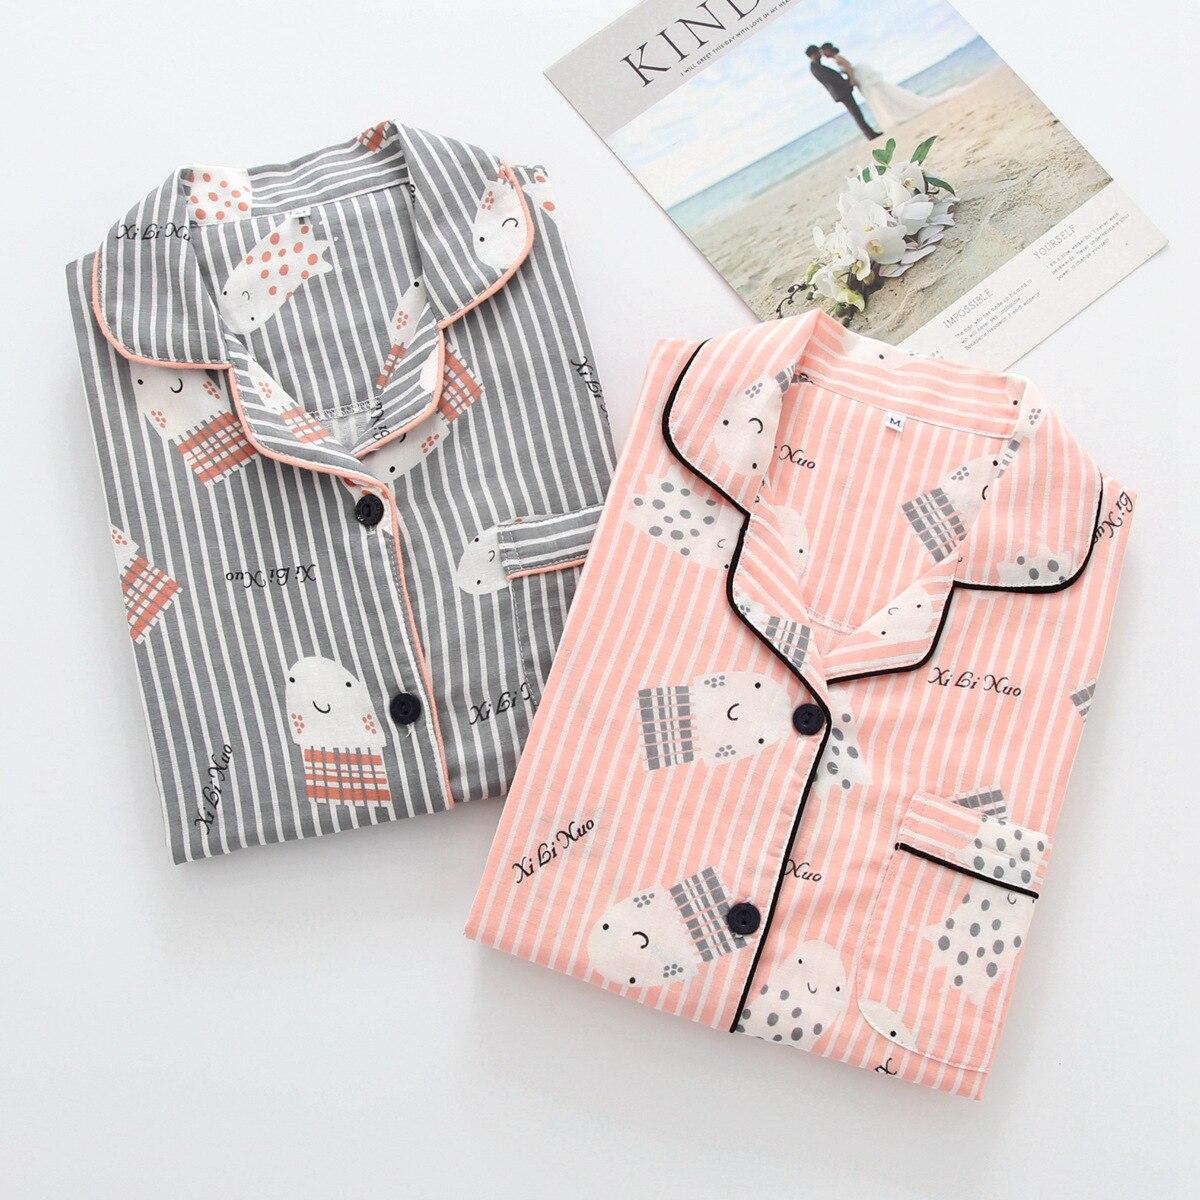 Image 5 - Korea Fresh maple leaf pajama sets women 100% gauze cotton long sleeve casual sleepwear women pyjamas summer hot sale 2020pijamas para mujerwomens pajamas setwomen pyjama -